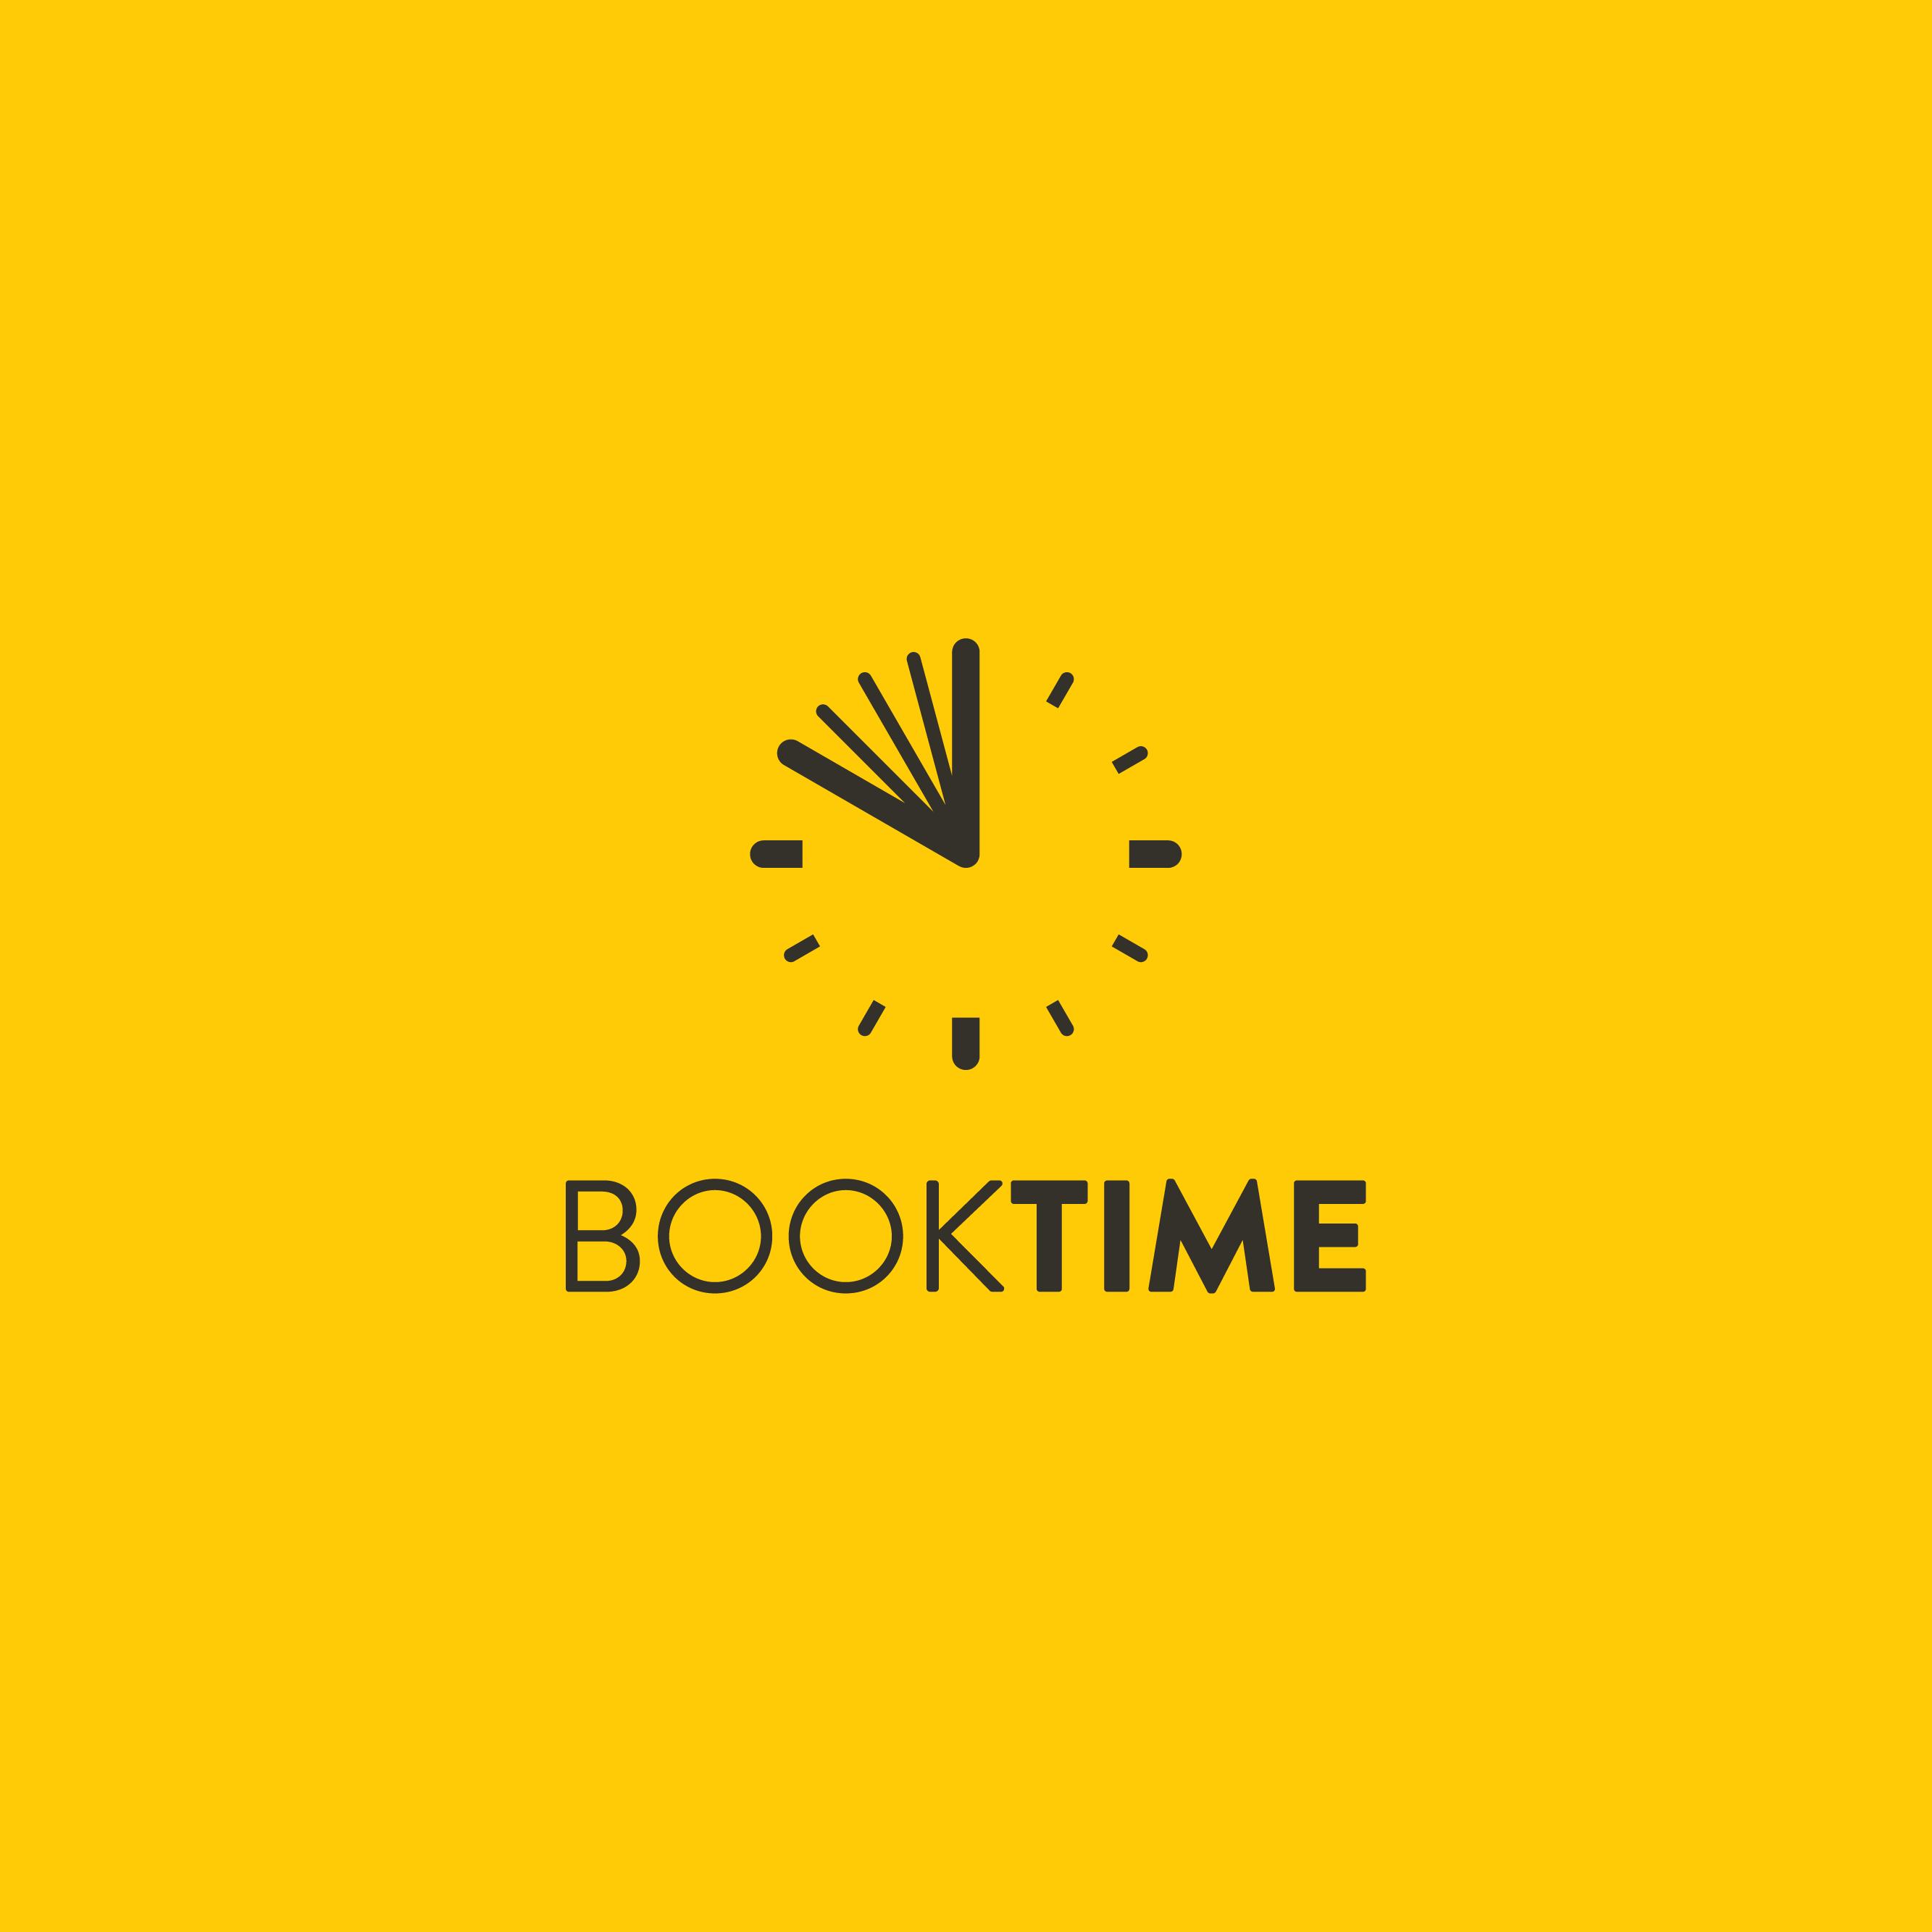 Book Time logo